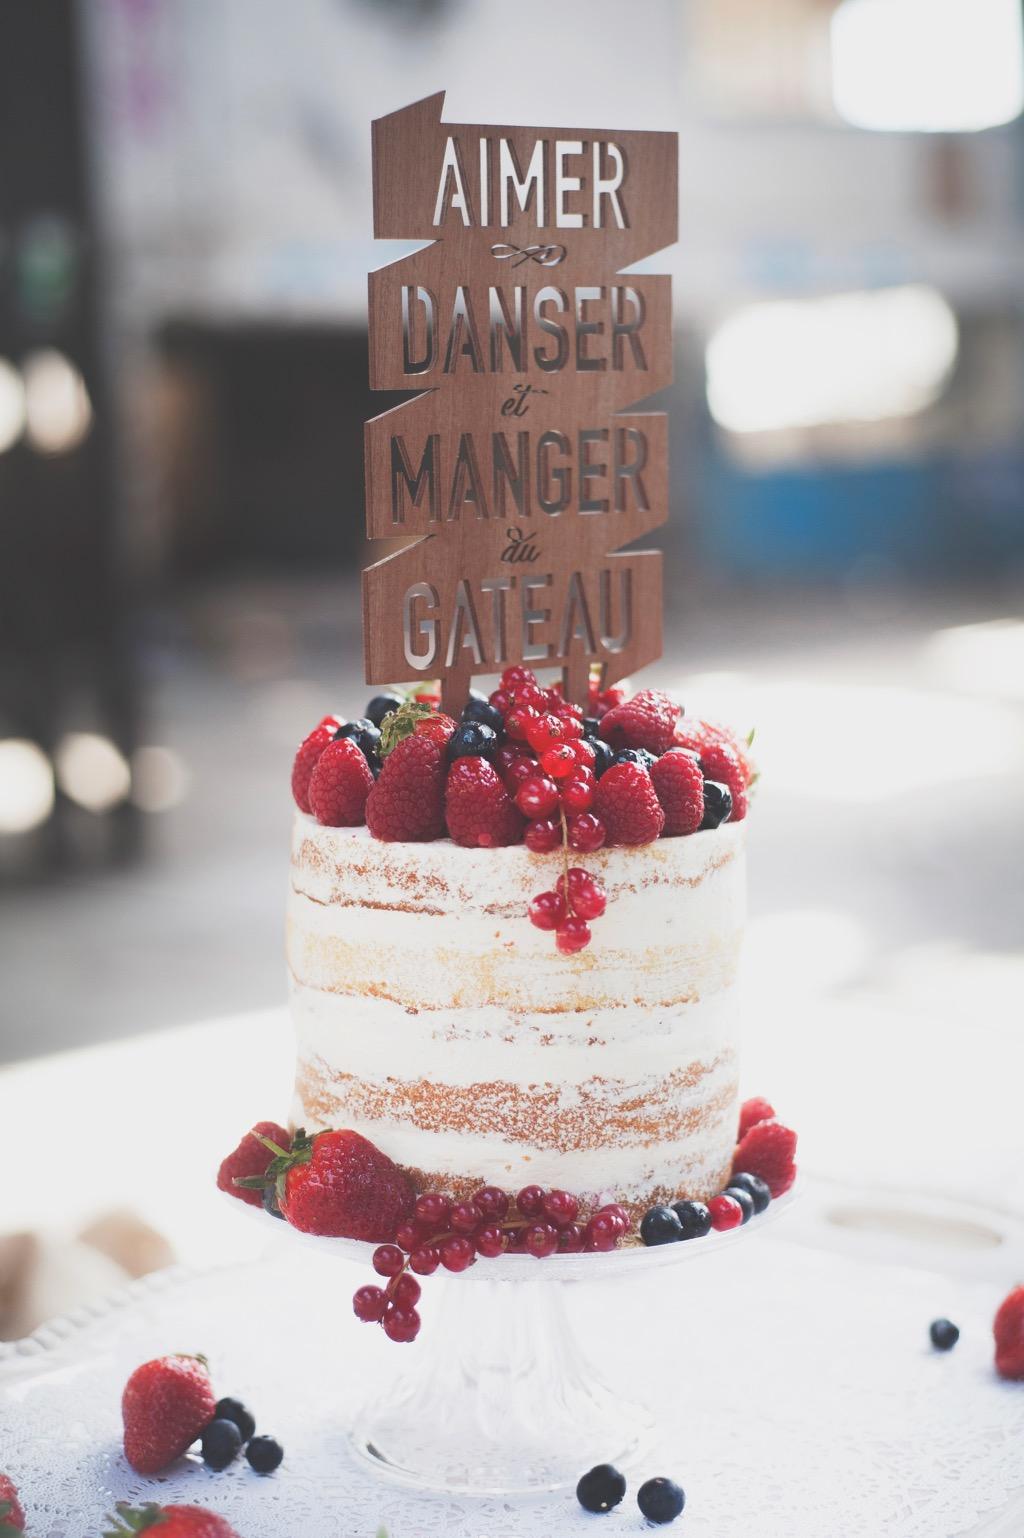 Décoration de mariage à acheter sur Modern Confetti - Photographe : Mademoiselle Hirondelle